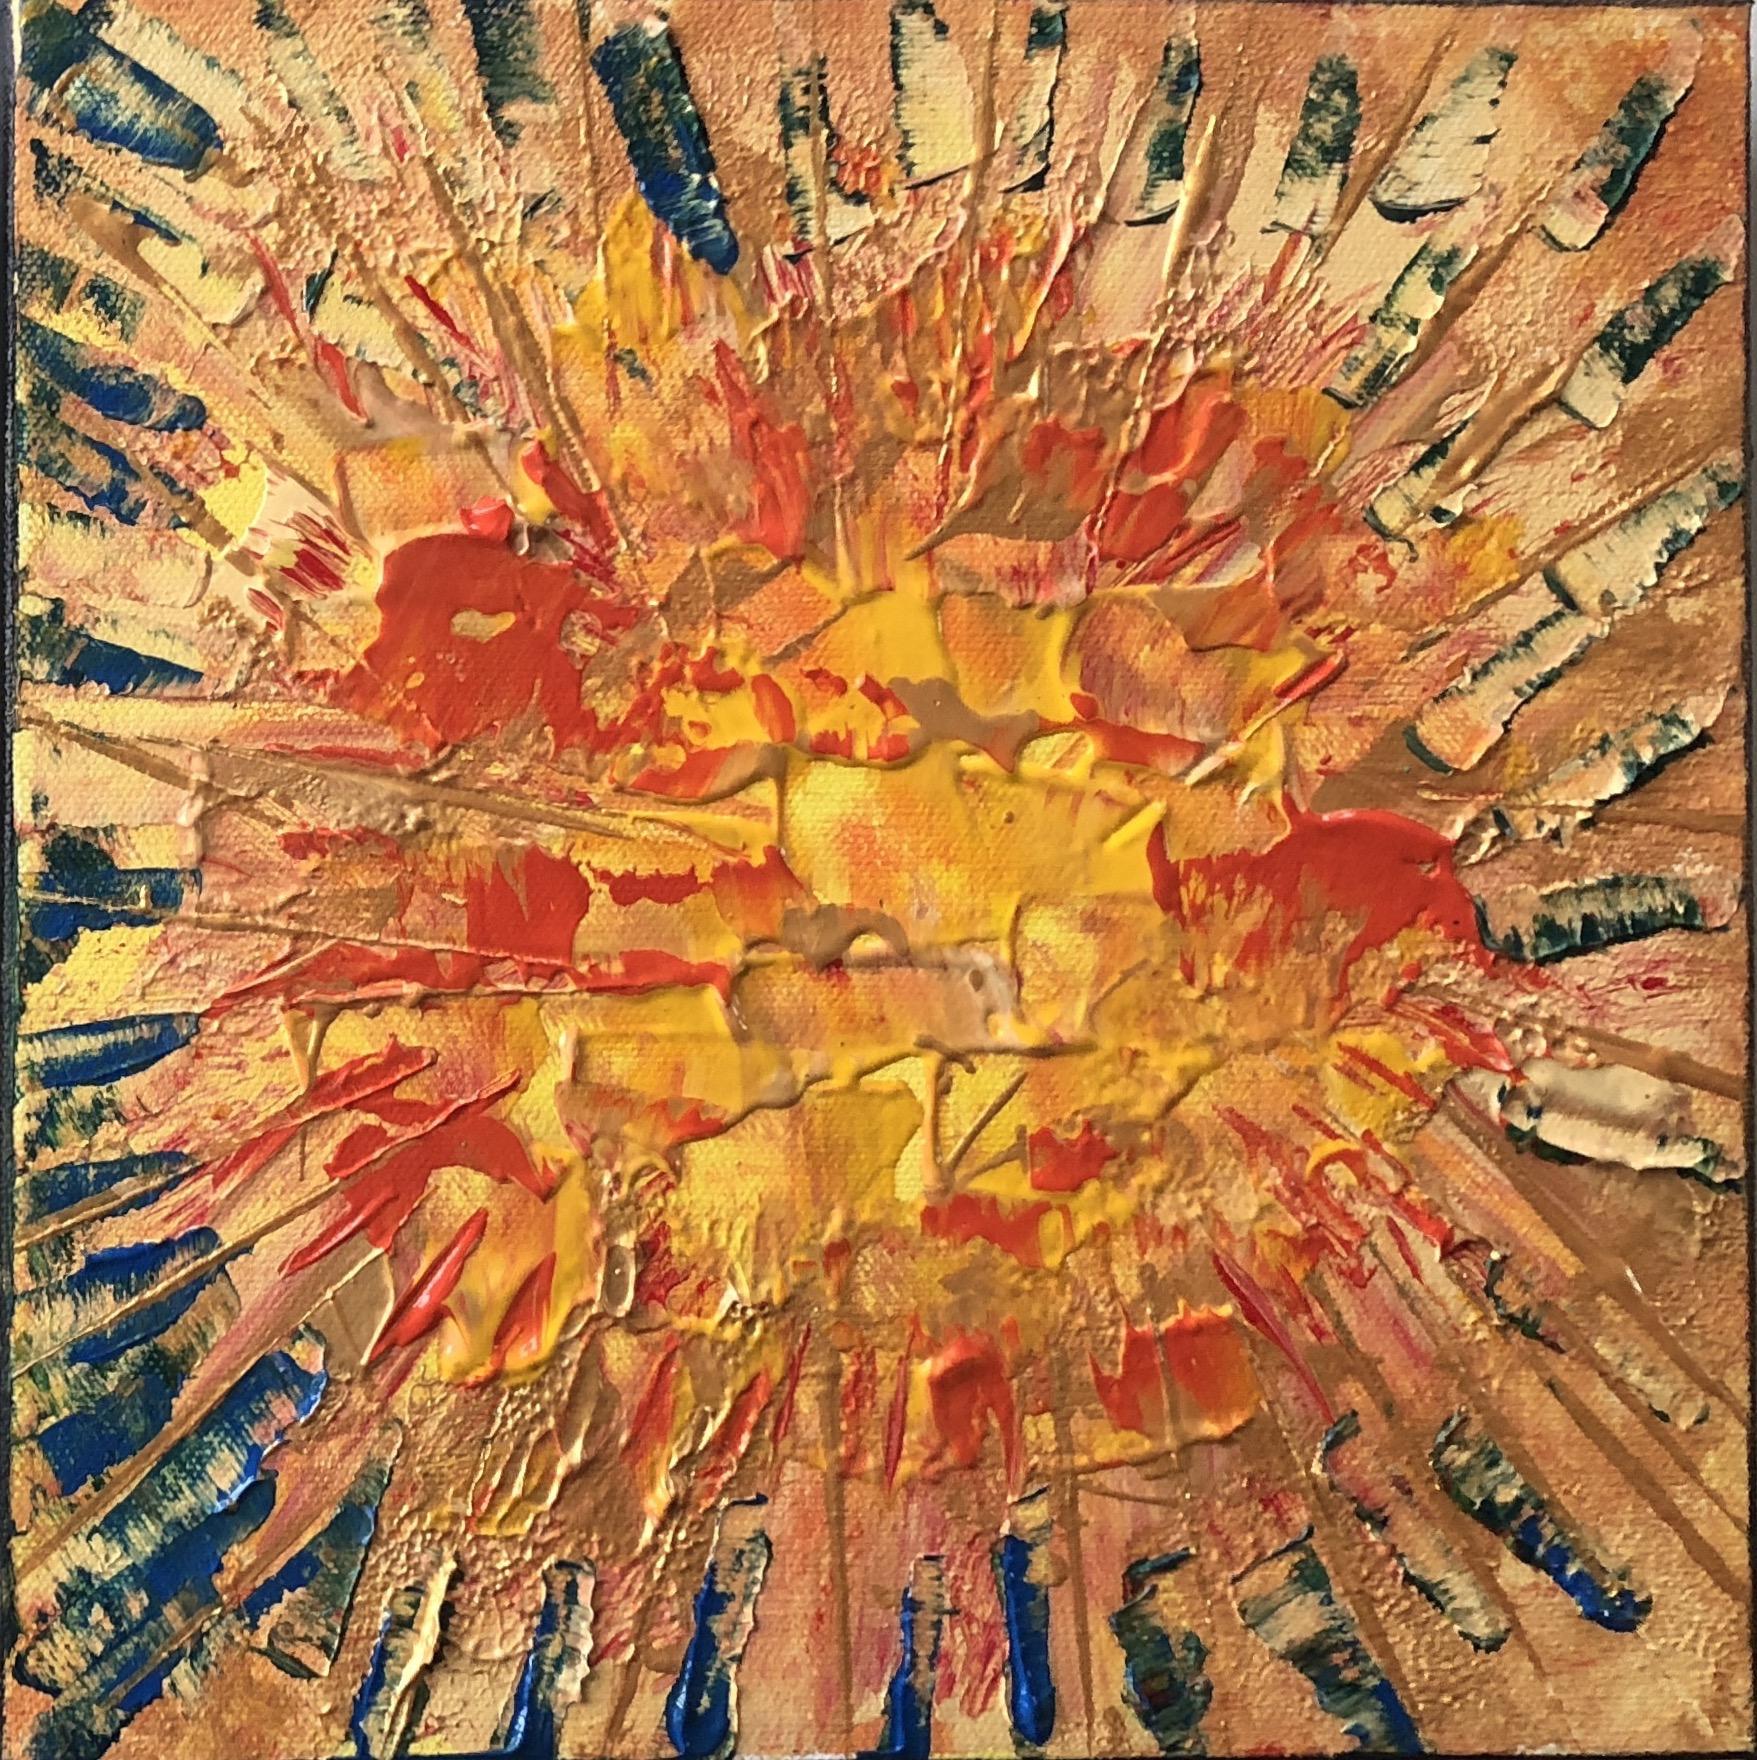 Sun Soleil SOLD